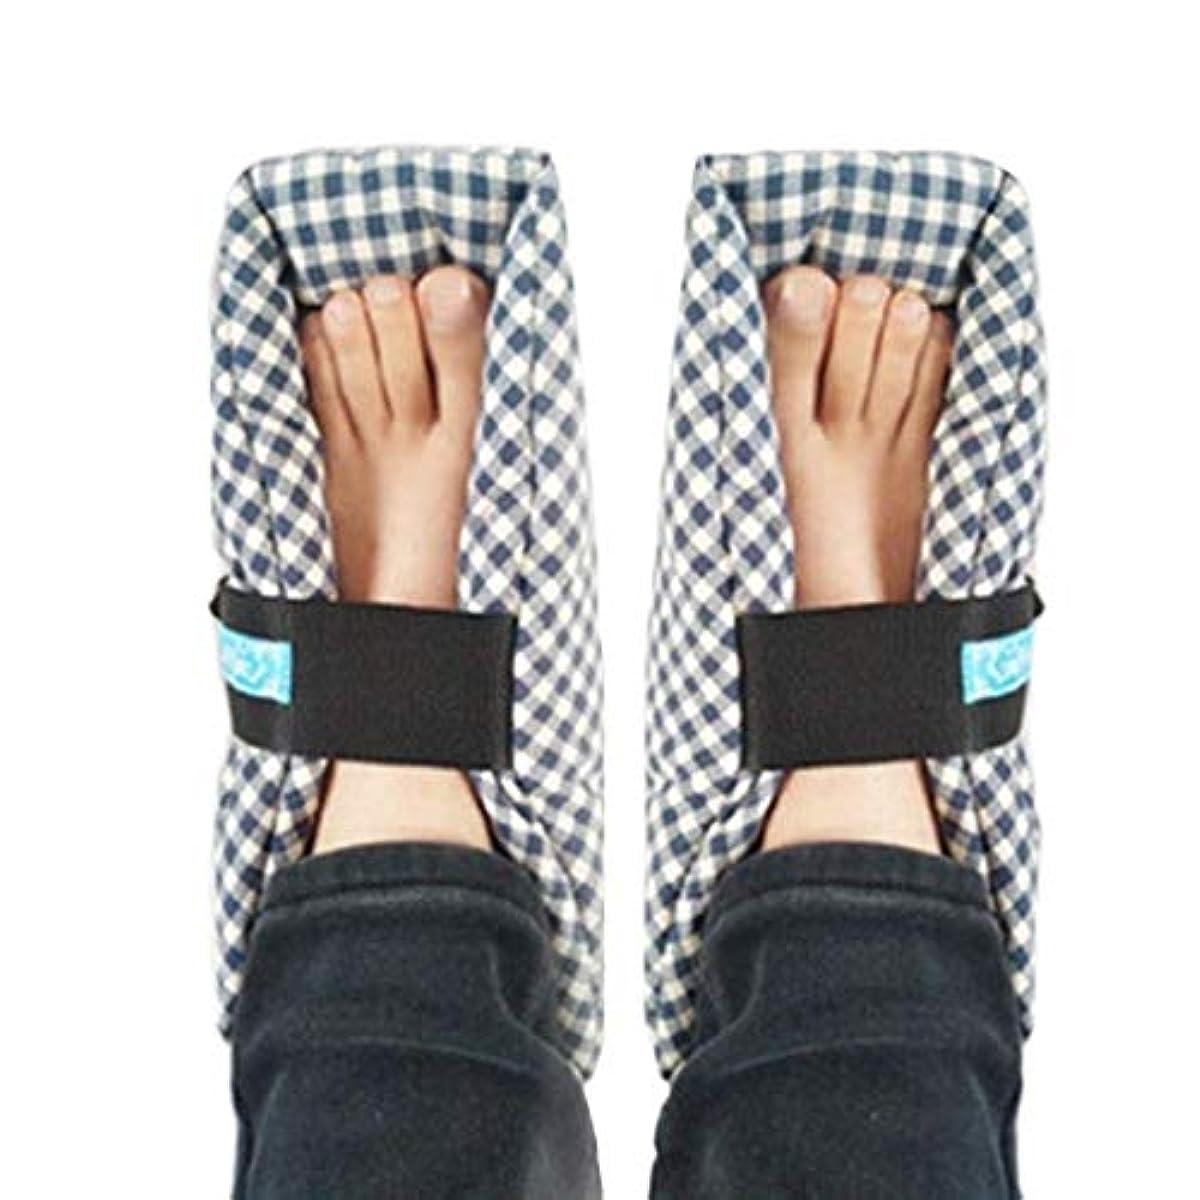 幻滅する接続詞厄介なTONGSH 足枕、かかとプロテクター、かかとクッション、かかと保護、効果的な、瘡およびかかと潰瘍の救済、腫れた足に最適、快適なかかと保護足枕、1組、格子縞